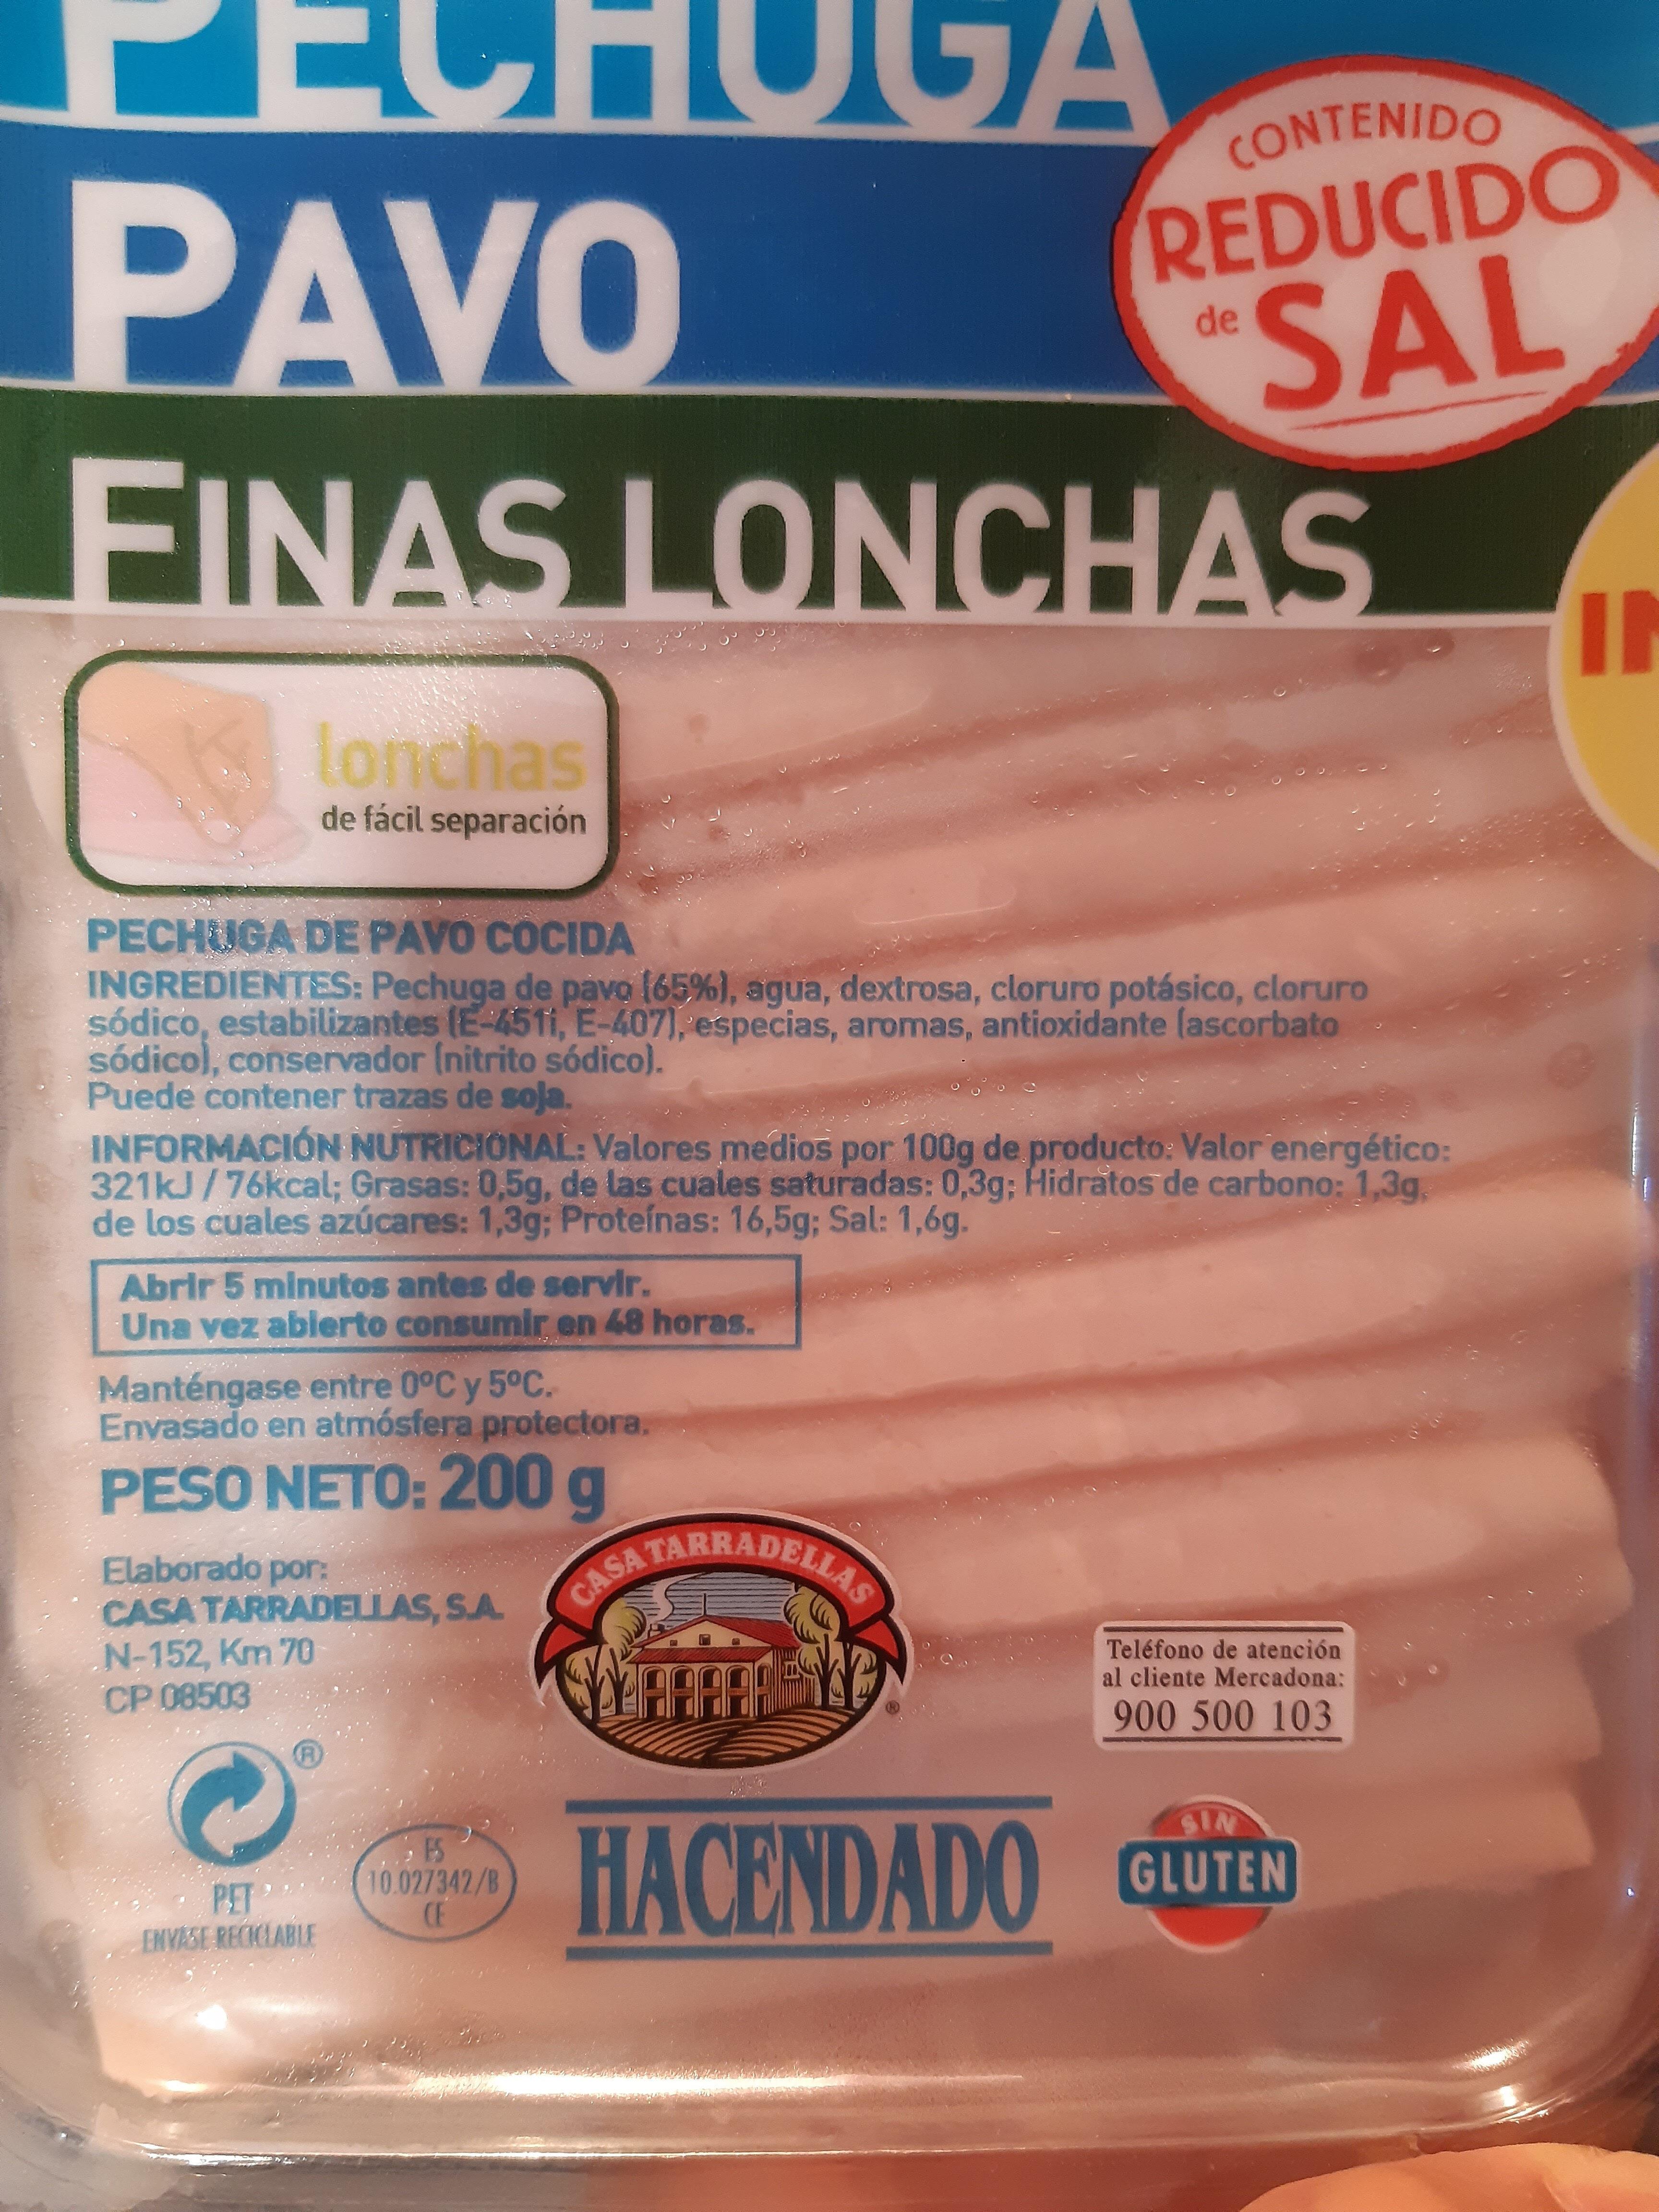 Pechuga pavo finas lonchas reducido de sal - Nutrition facts - es